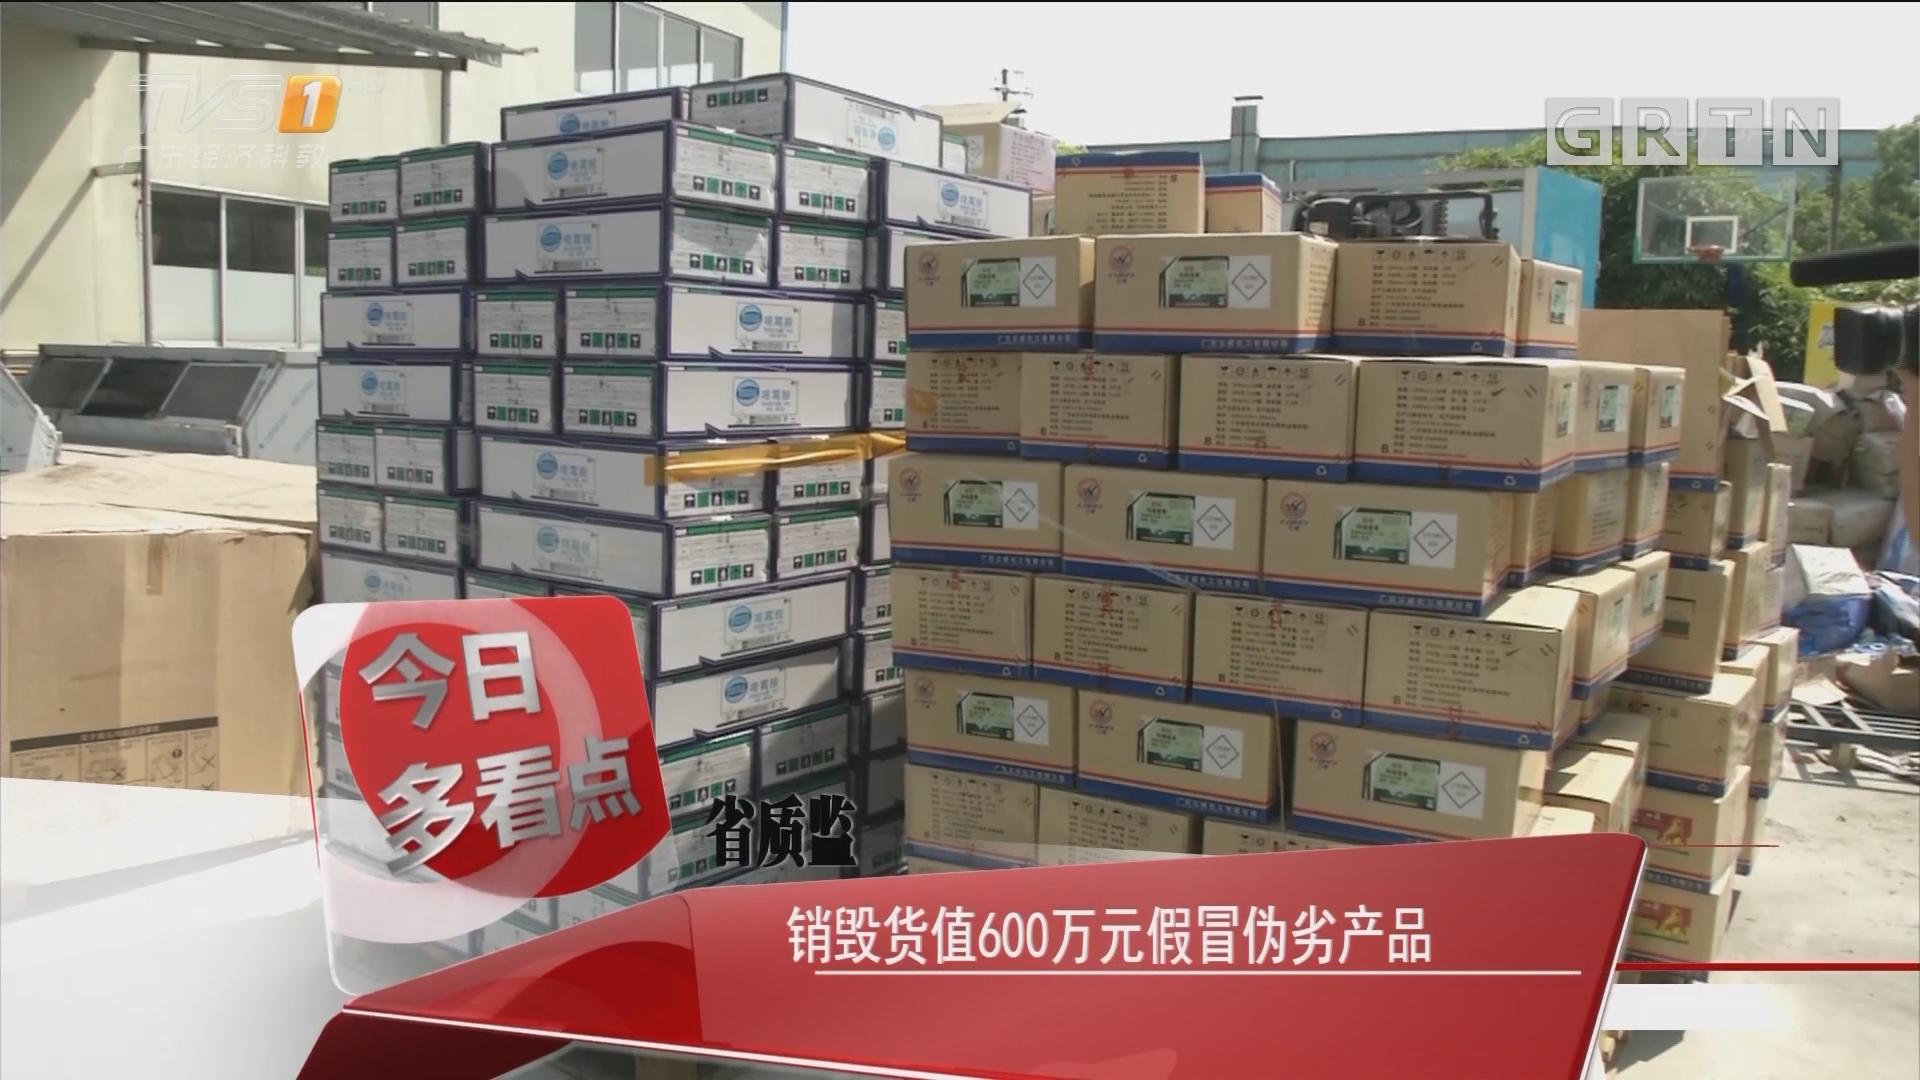 省质监:销毁货值600万元假冒伪劣产品